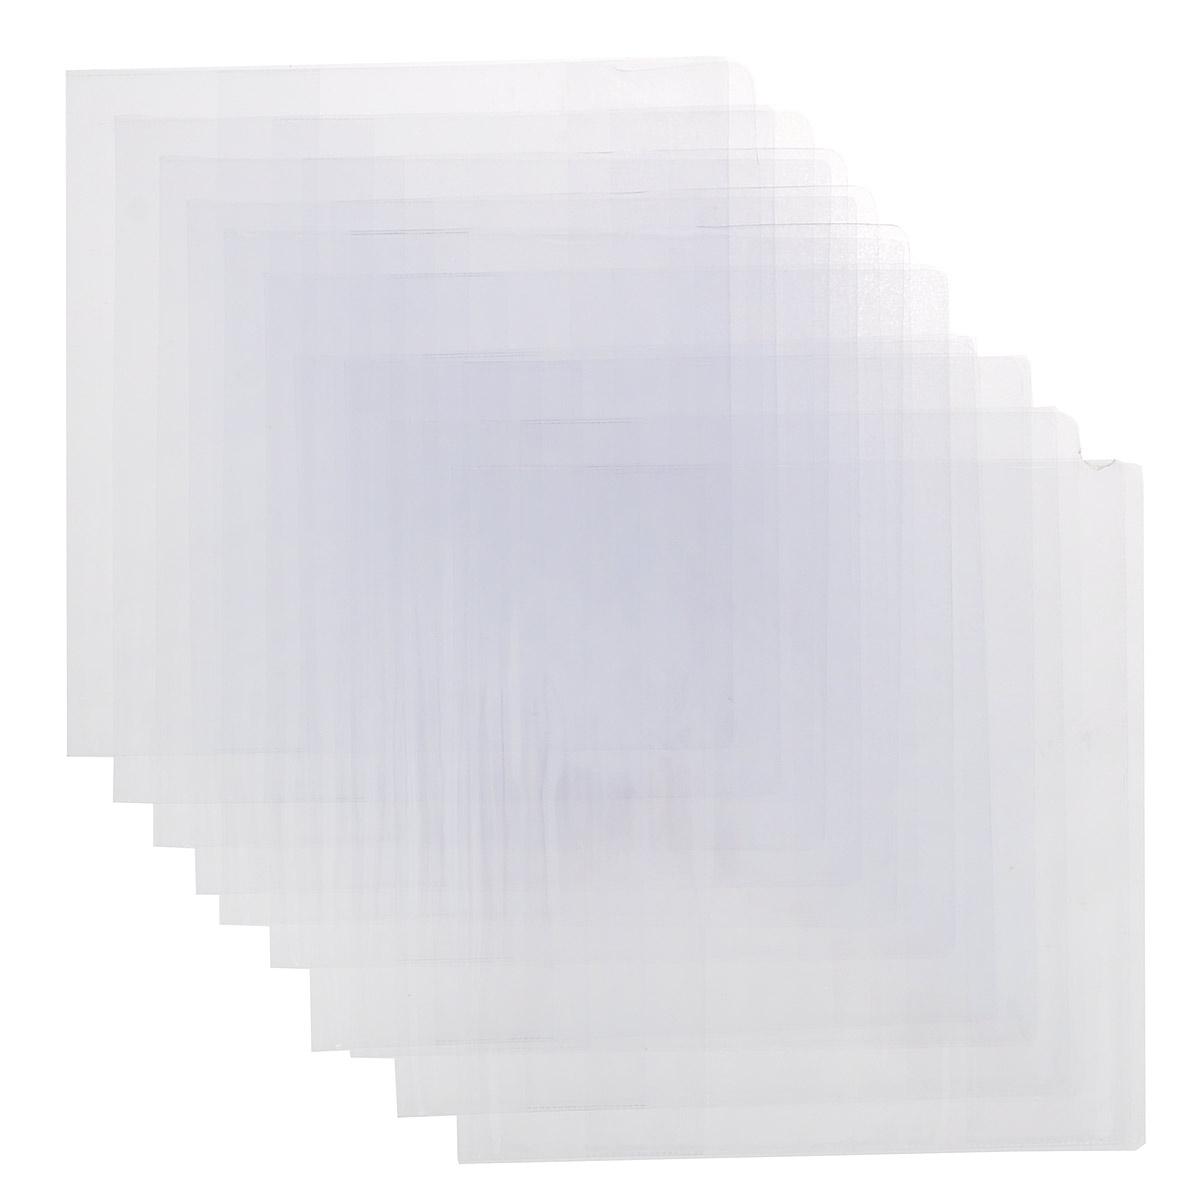 Набор обложек для учебников Брупак, цвет: прозрачный, 23 см х 46,5 см, 10 штК10-13Набор цветных обложек для учебников Брупак предназначены для защиты книг от пыли, грязи и механических повреждений. Обложки с прозрачными клапанами.